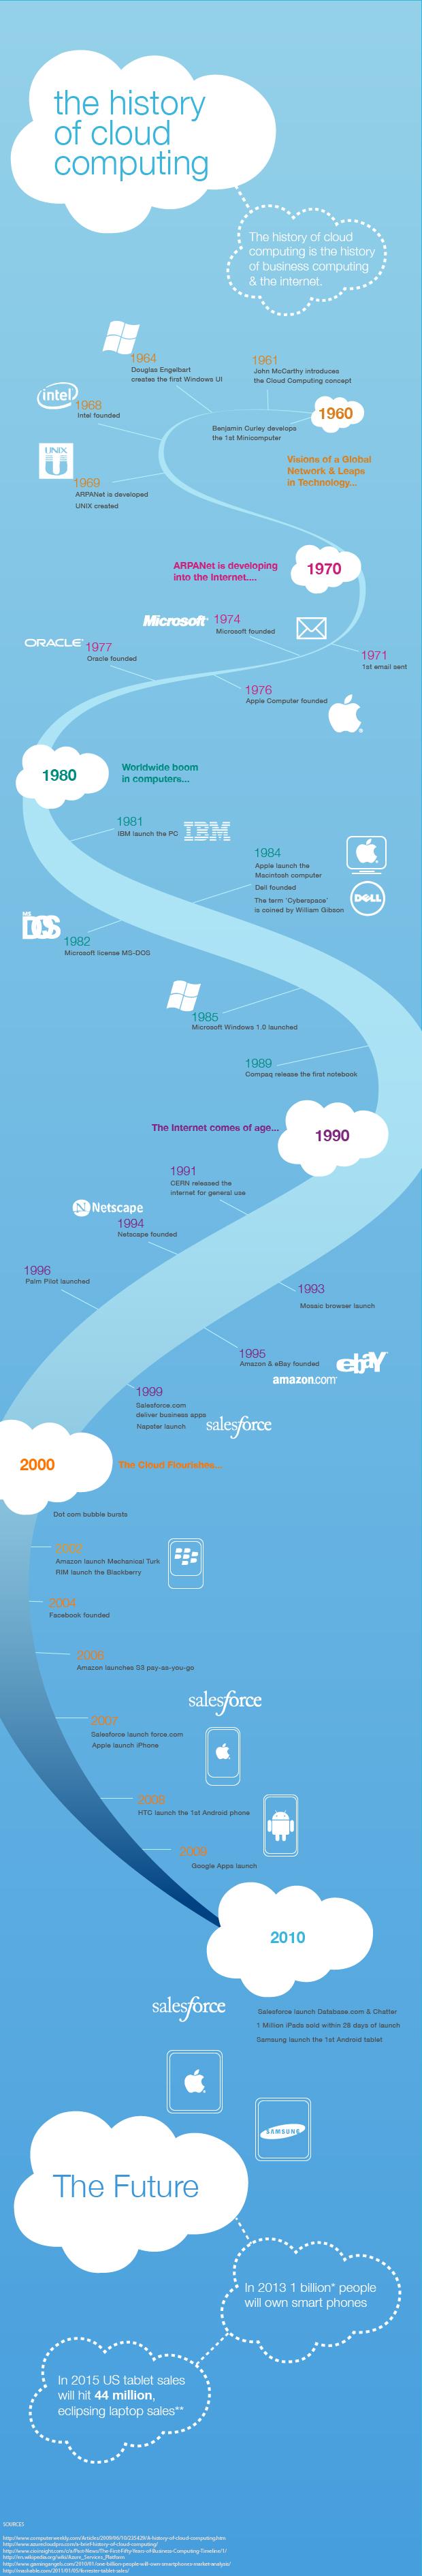 history-cloud